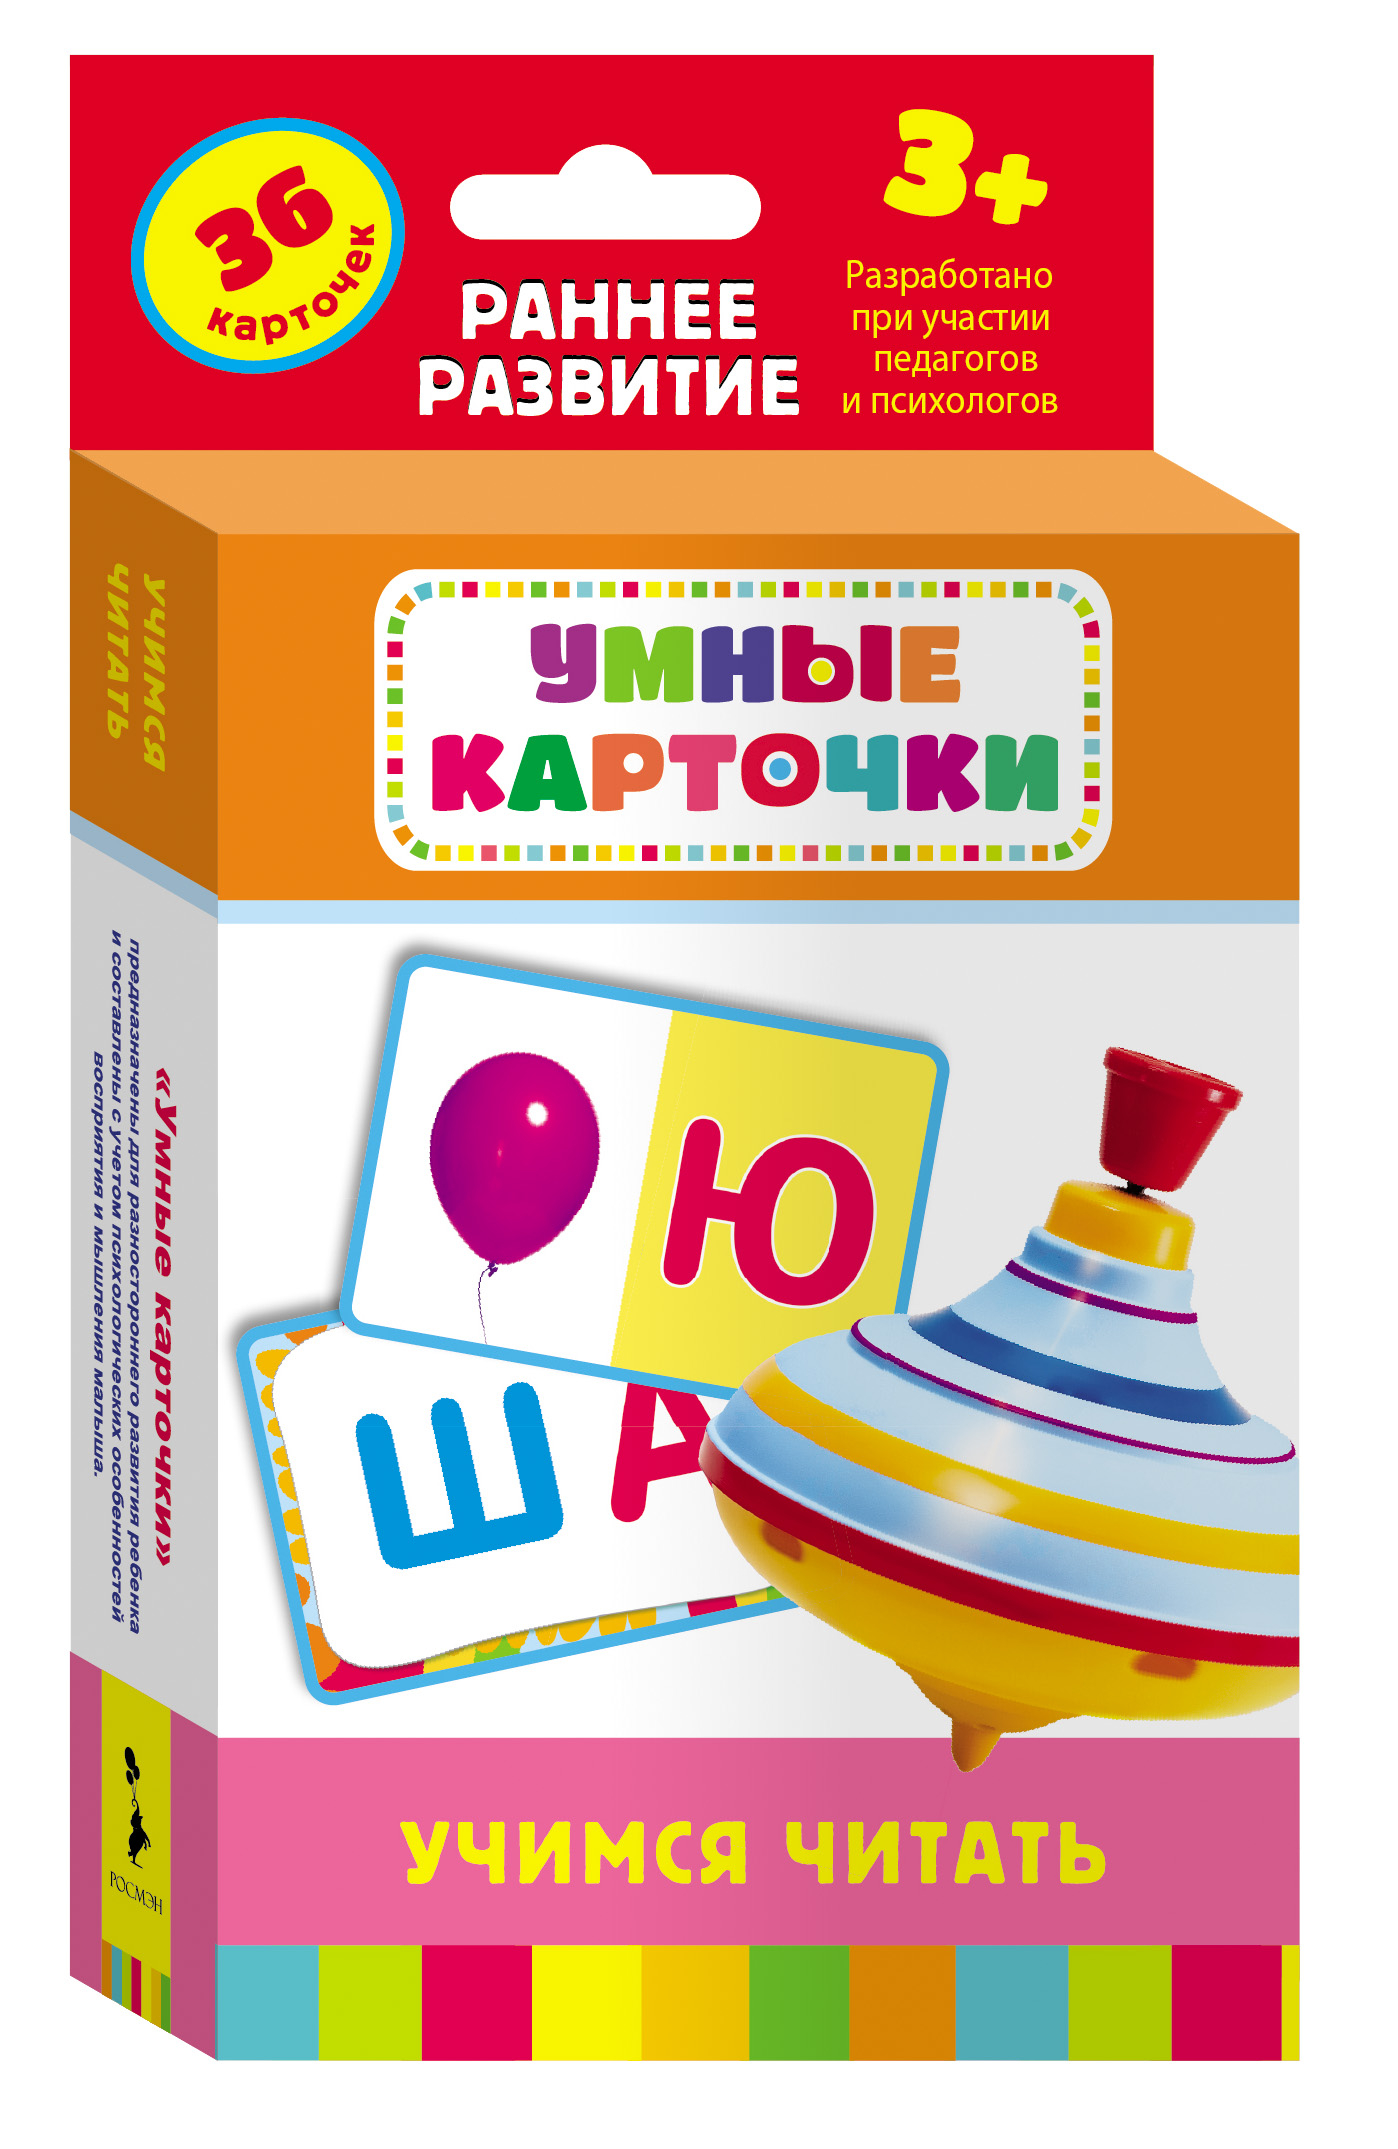 Первые книги малыша Росмэн Умные карточки. Учимся читать